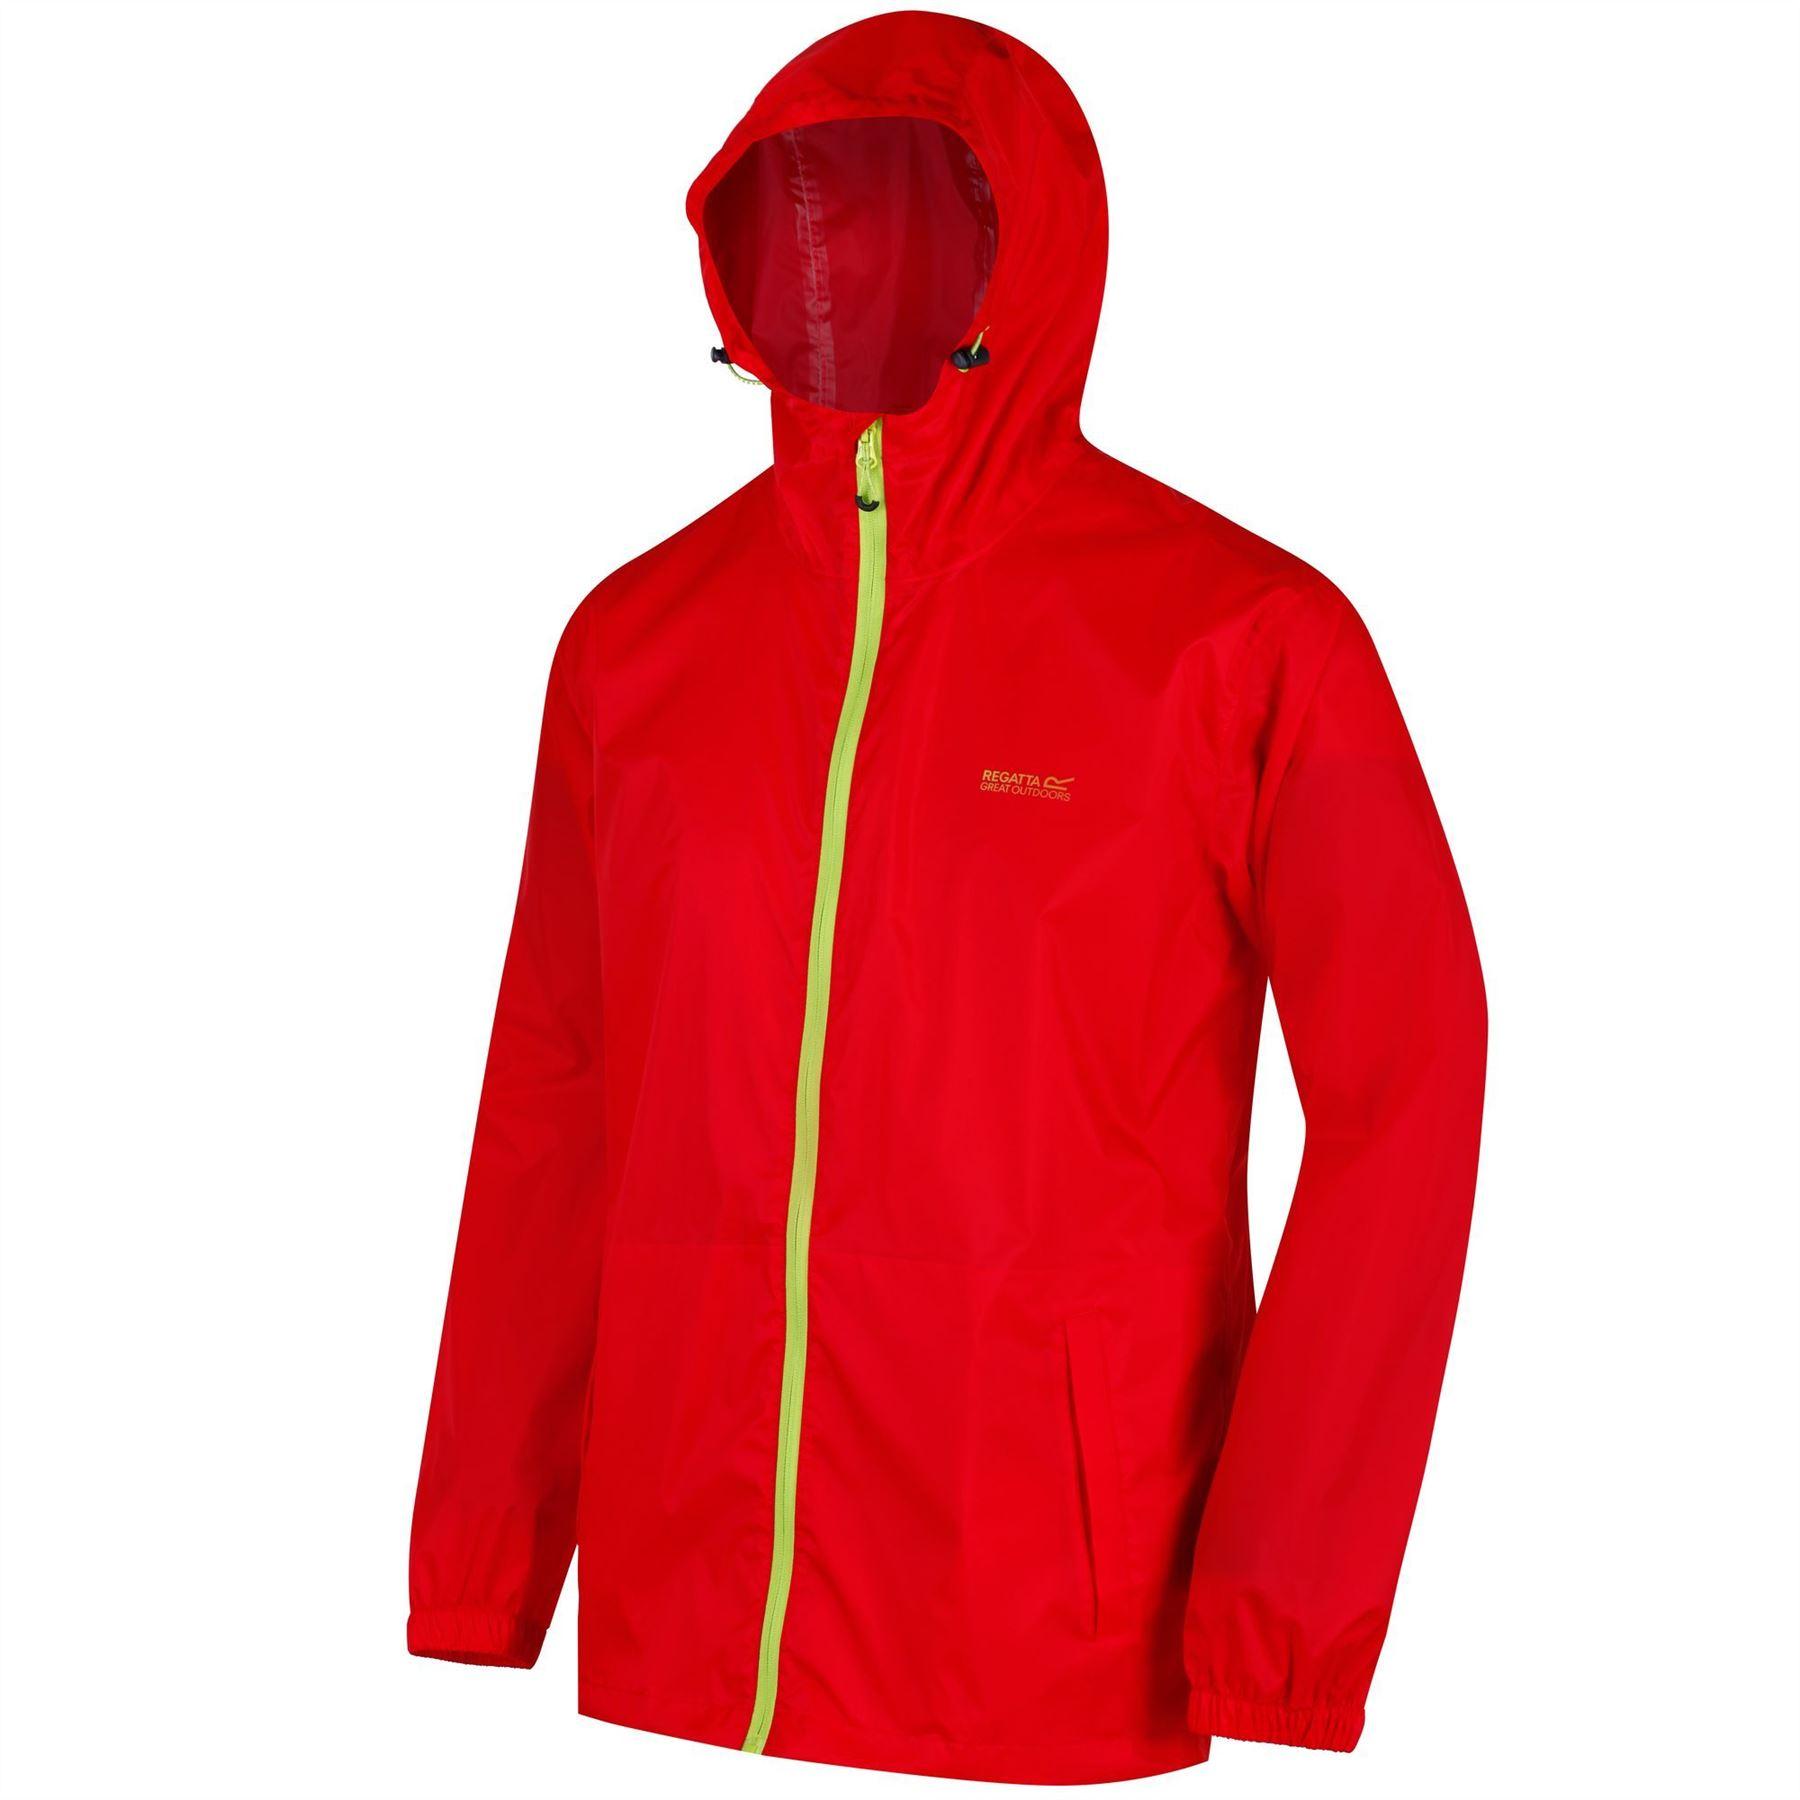 miniatuur 13 - Regatta Mens Pack-it In a bag Packable Waterproof Jacket Outdoor Pack a mac